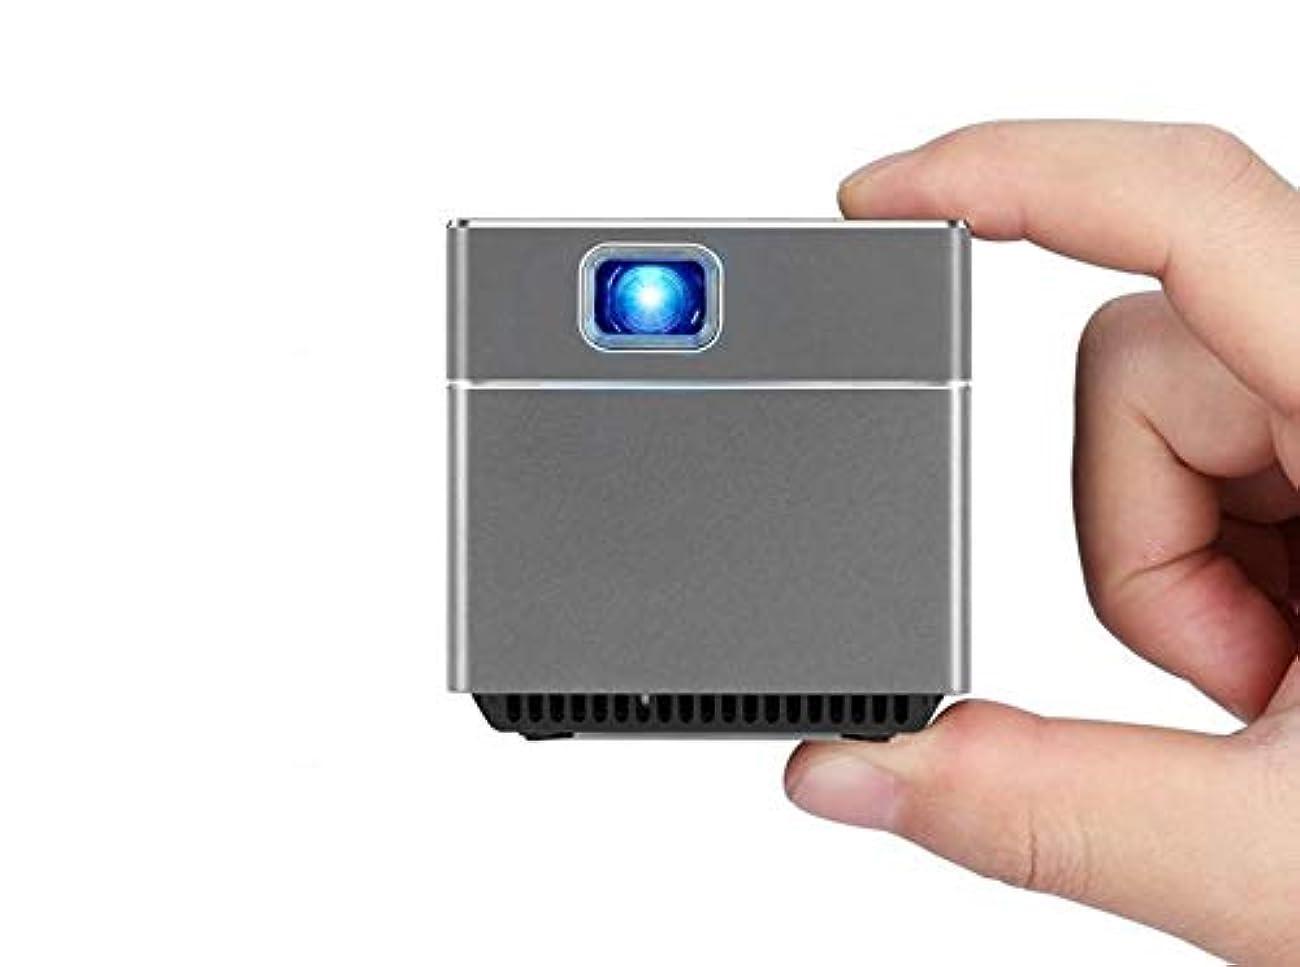 ほこり極地トランスミッションAndroid? 搭載でPCスマホ無しでも活躍できる超小型モバイルプロジェクター Pico Cube ピコキューブ A エース(5.5cm 172g wifi Bluetooth接続)